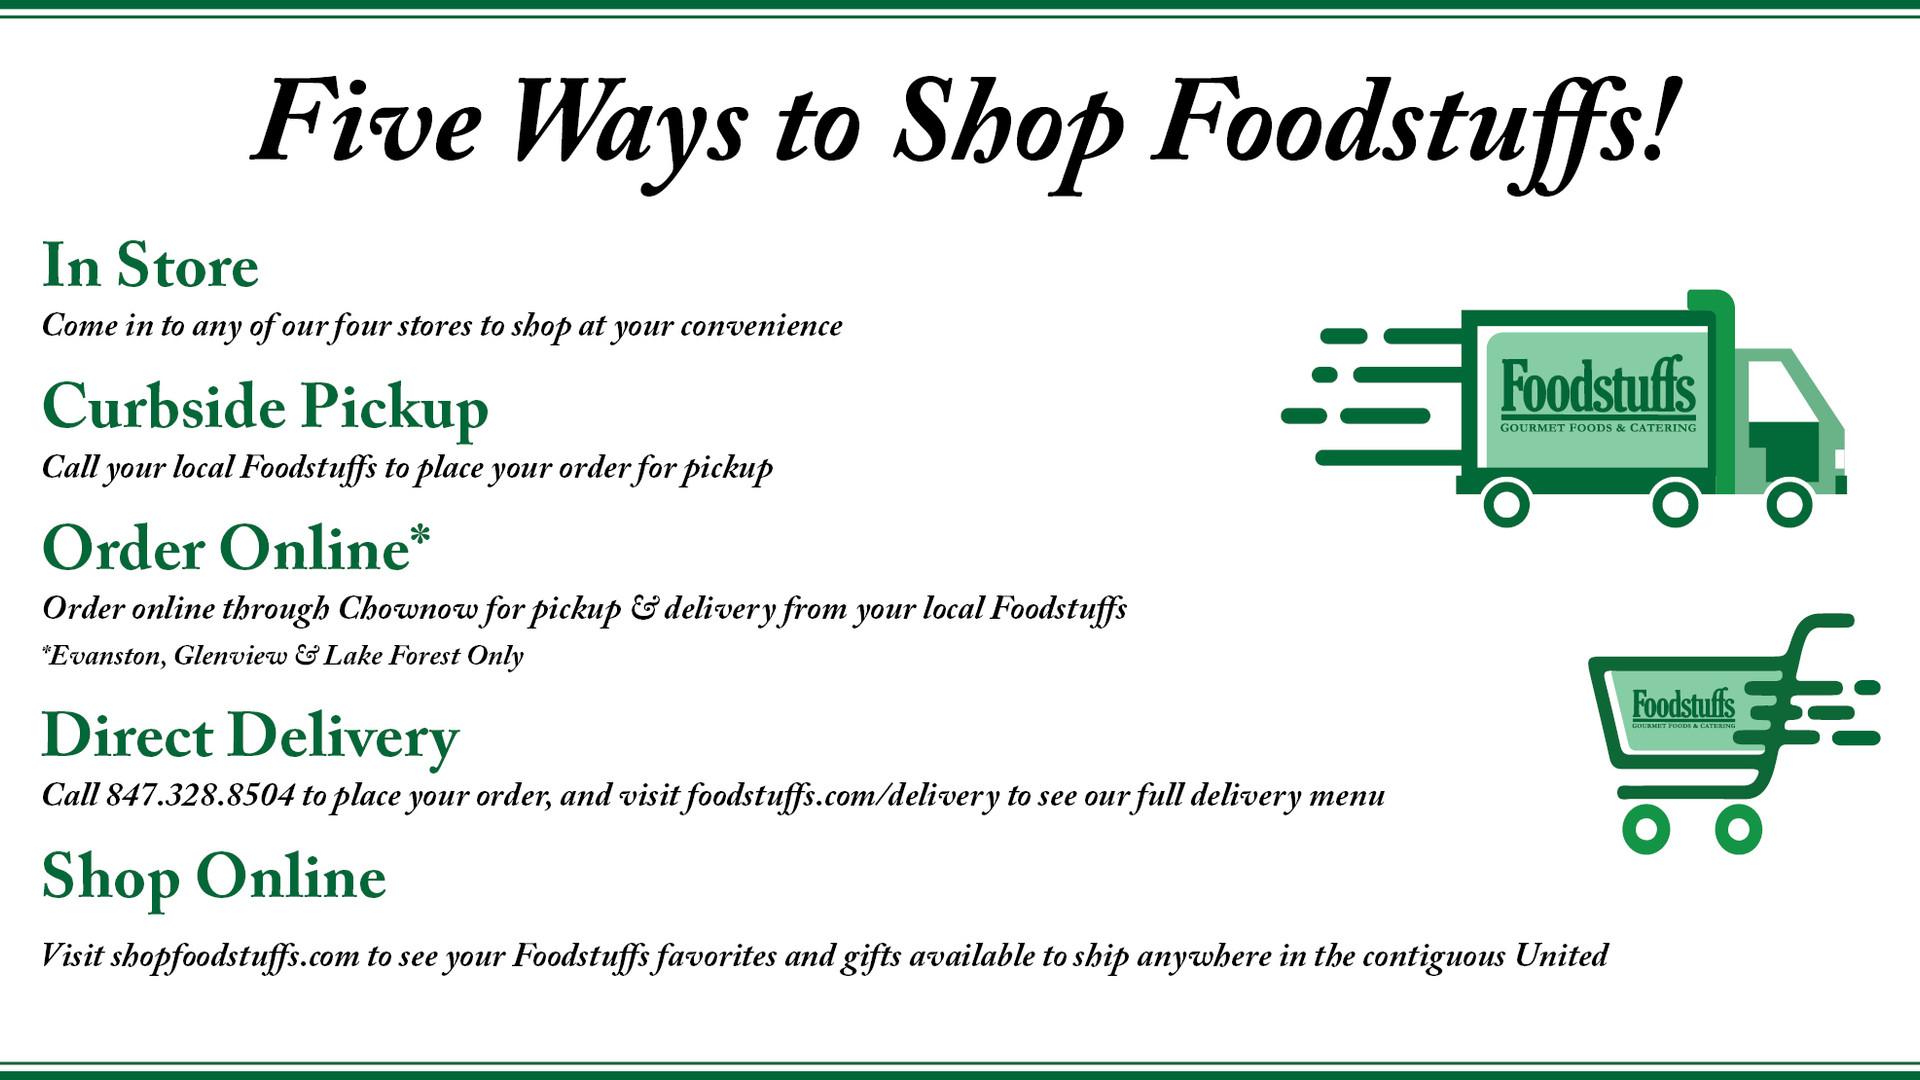 Five Ways to Shop.jpg